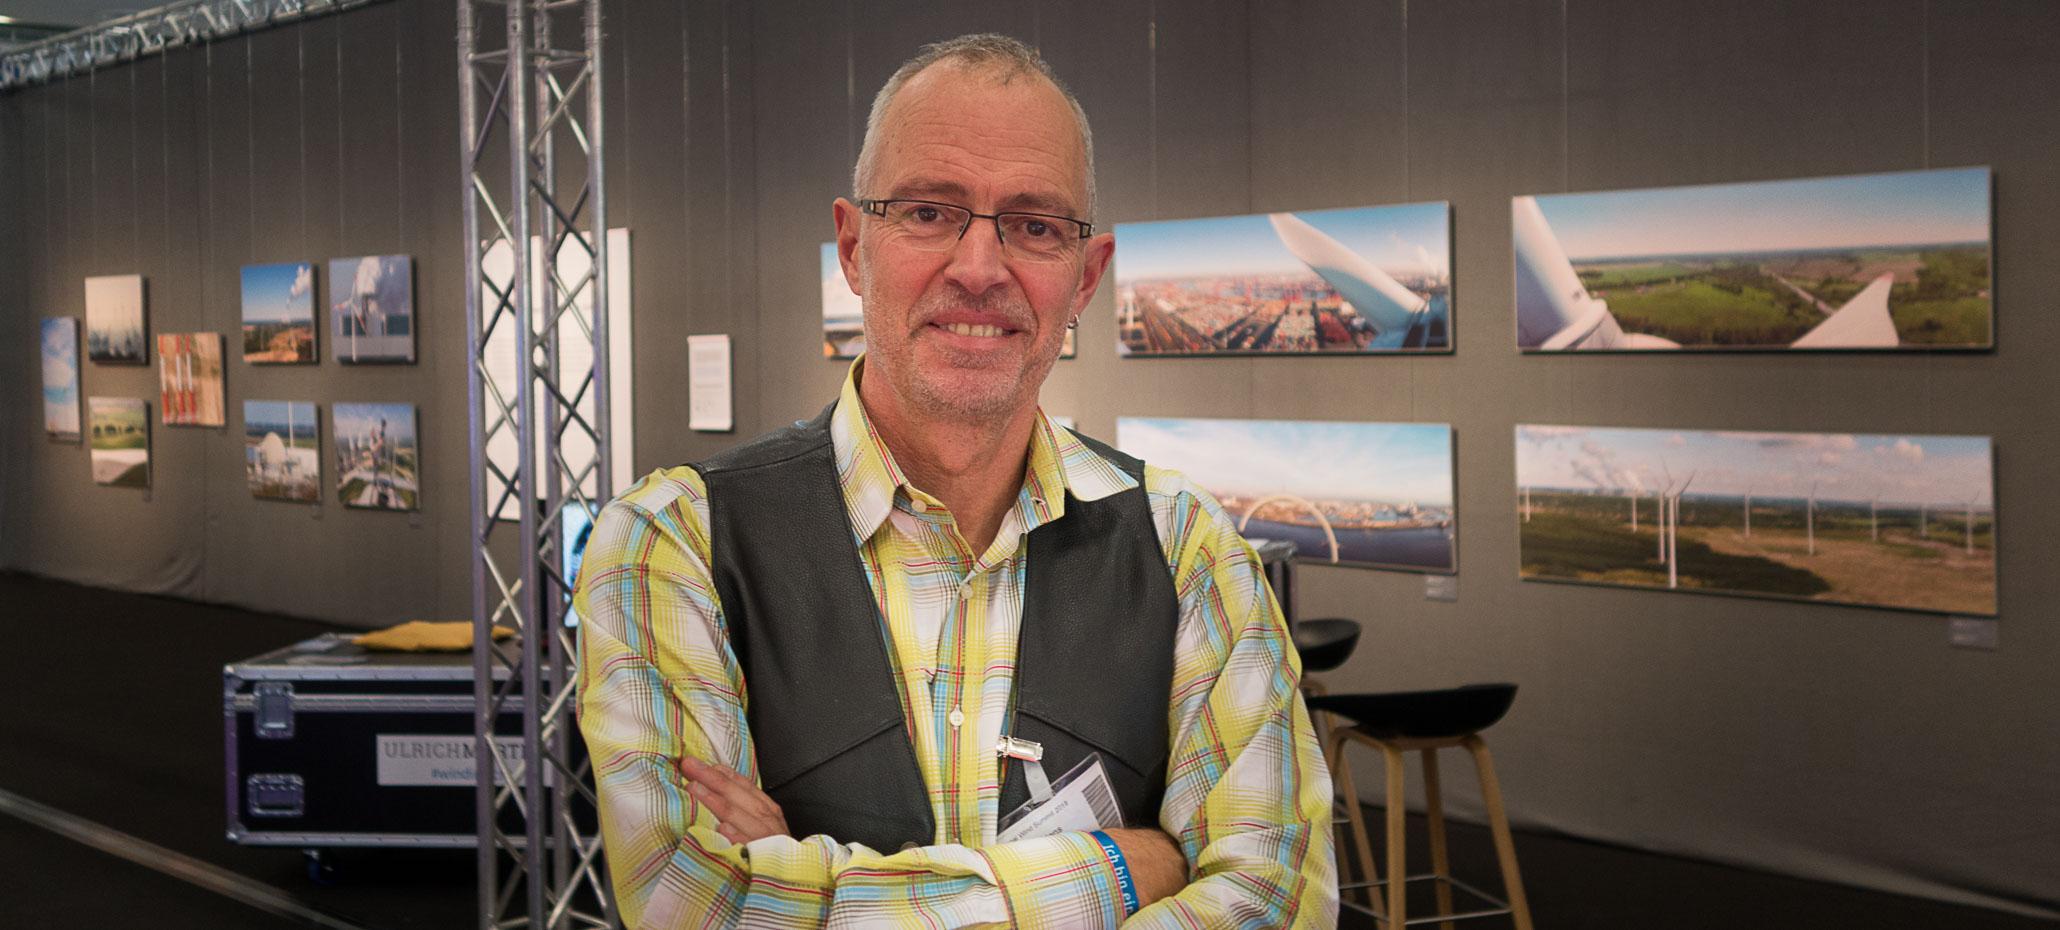 """Ulrich Mertens und seine Ausstellung """"LAND IN SICHT - LANDSCAPE IN TRANSITION"""""""